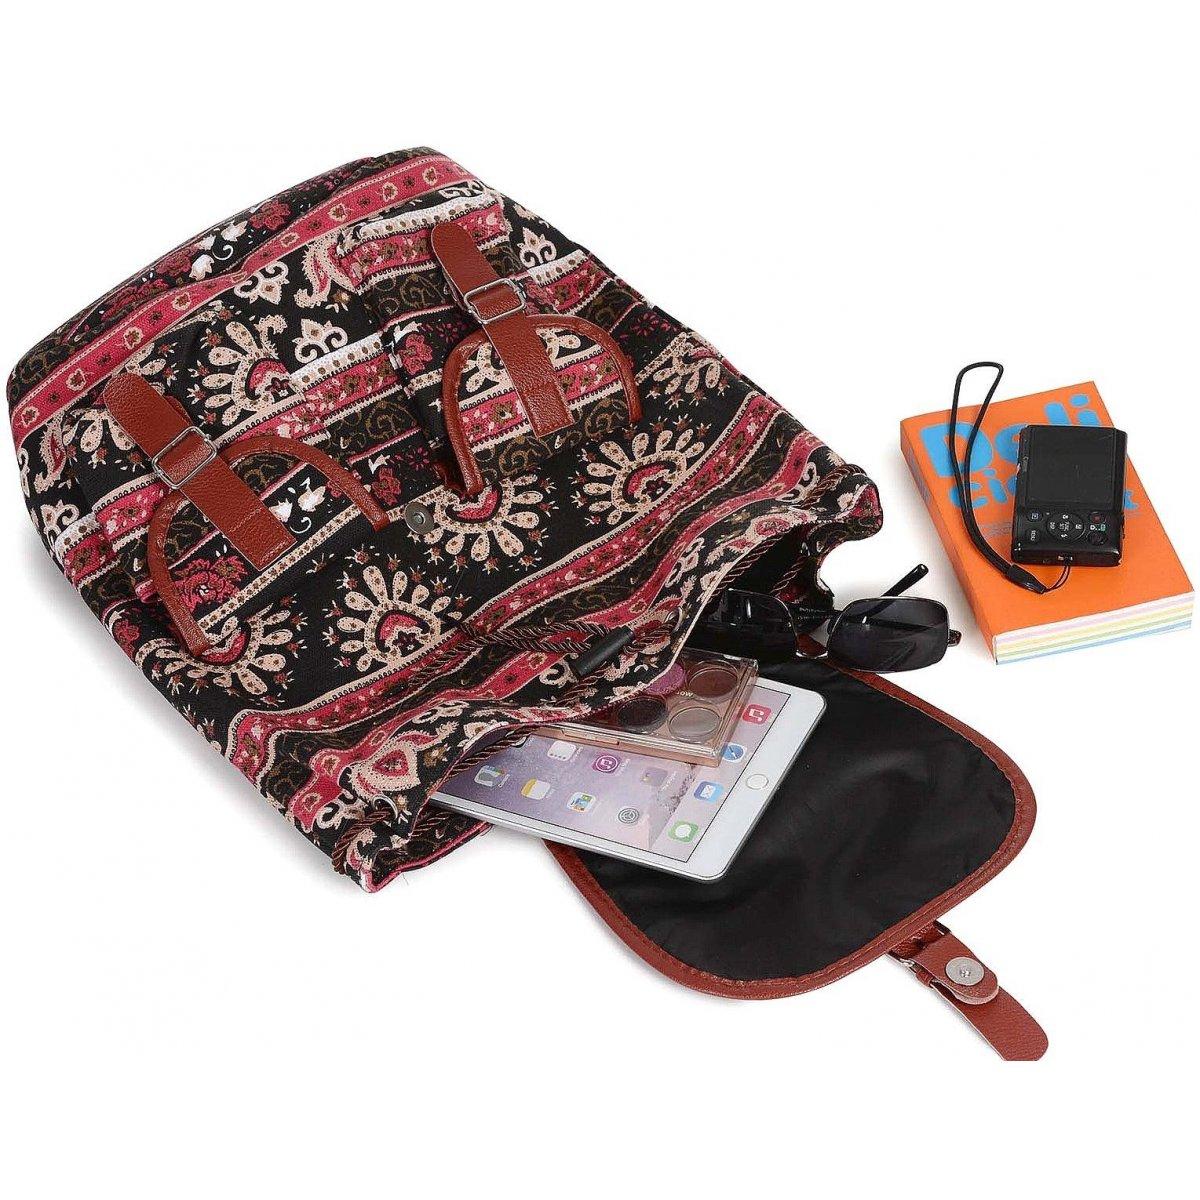 sac dos les sacs de krlot fkg0031 couleur principale. Black Bedroom Furniture Sets. Home Design Ideas